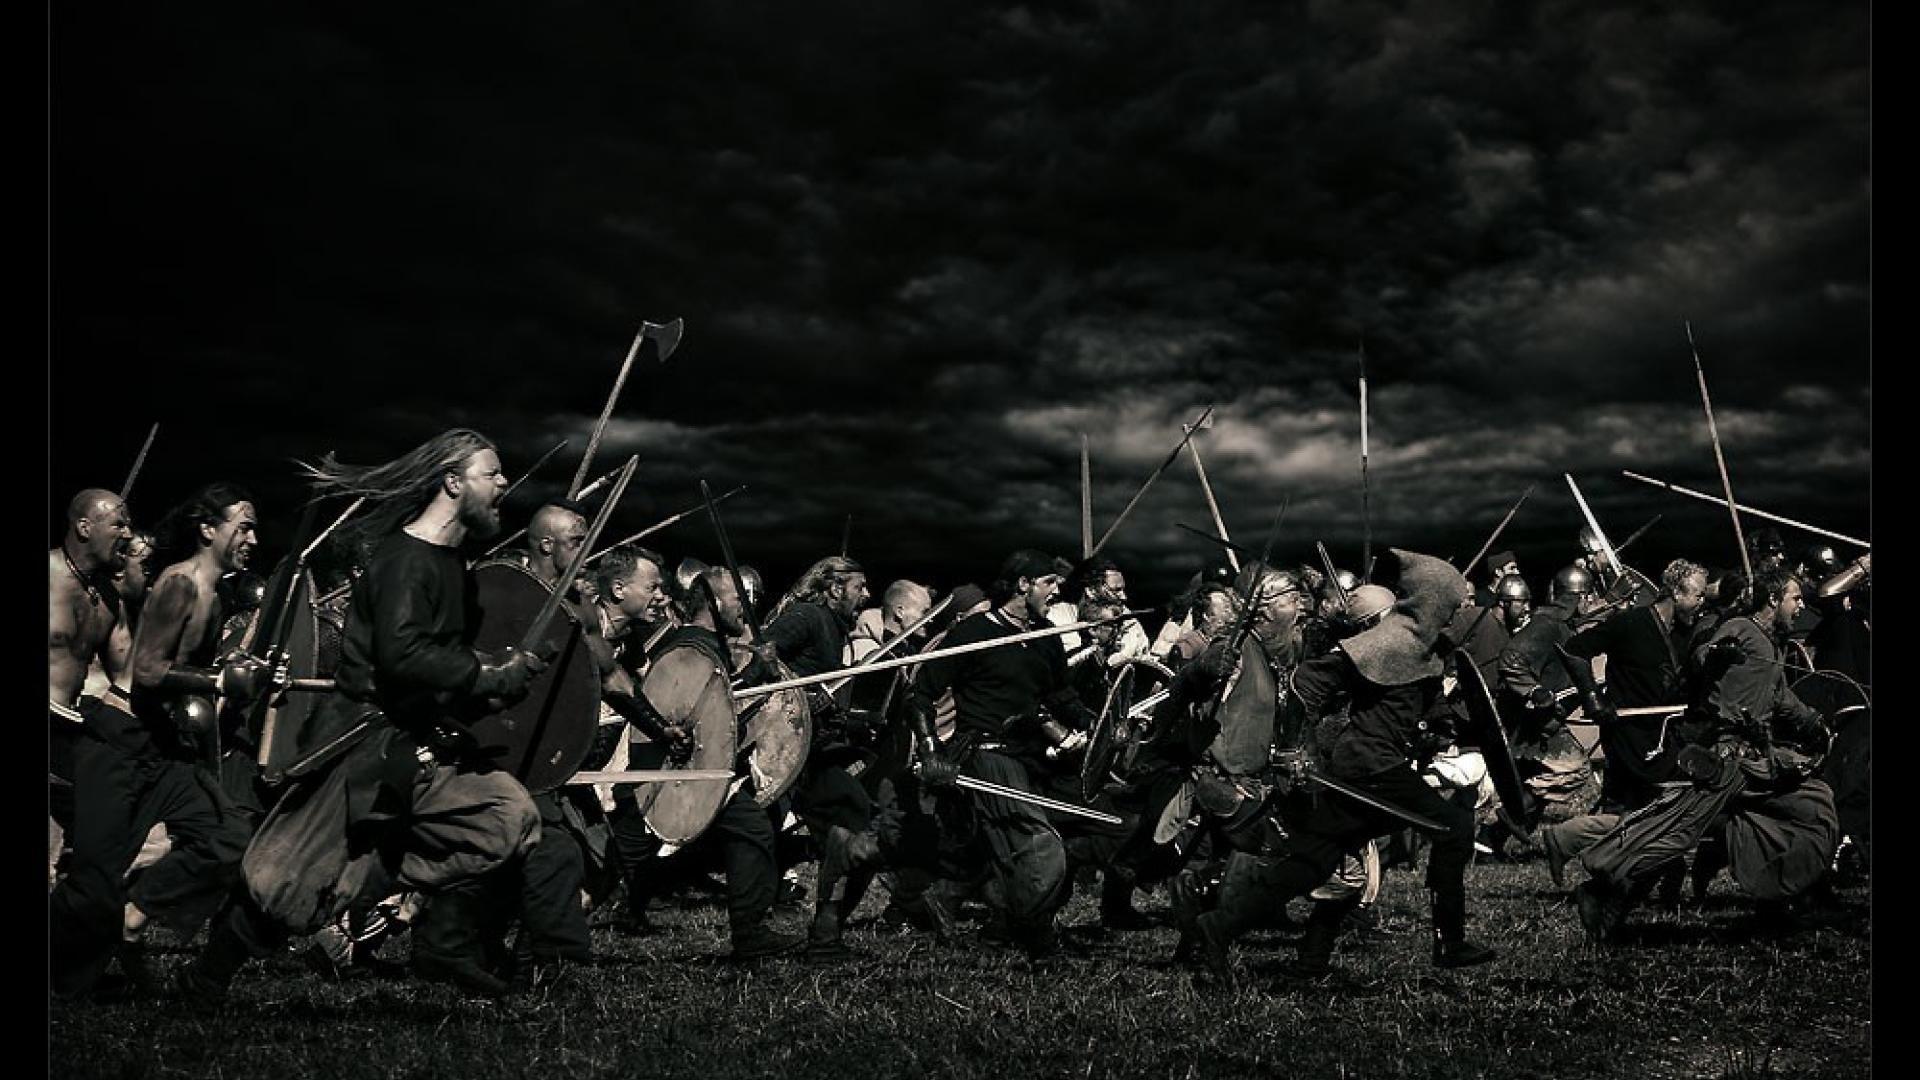 Vikings Tv Show Hd Desktop Wallpaper Widescreen High 19201080